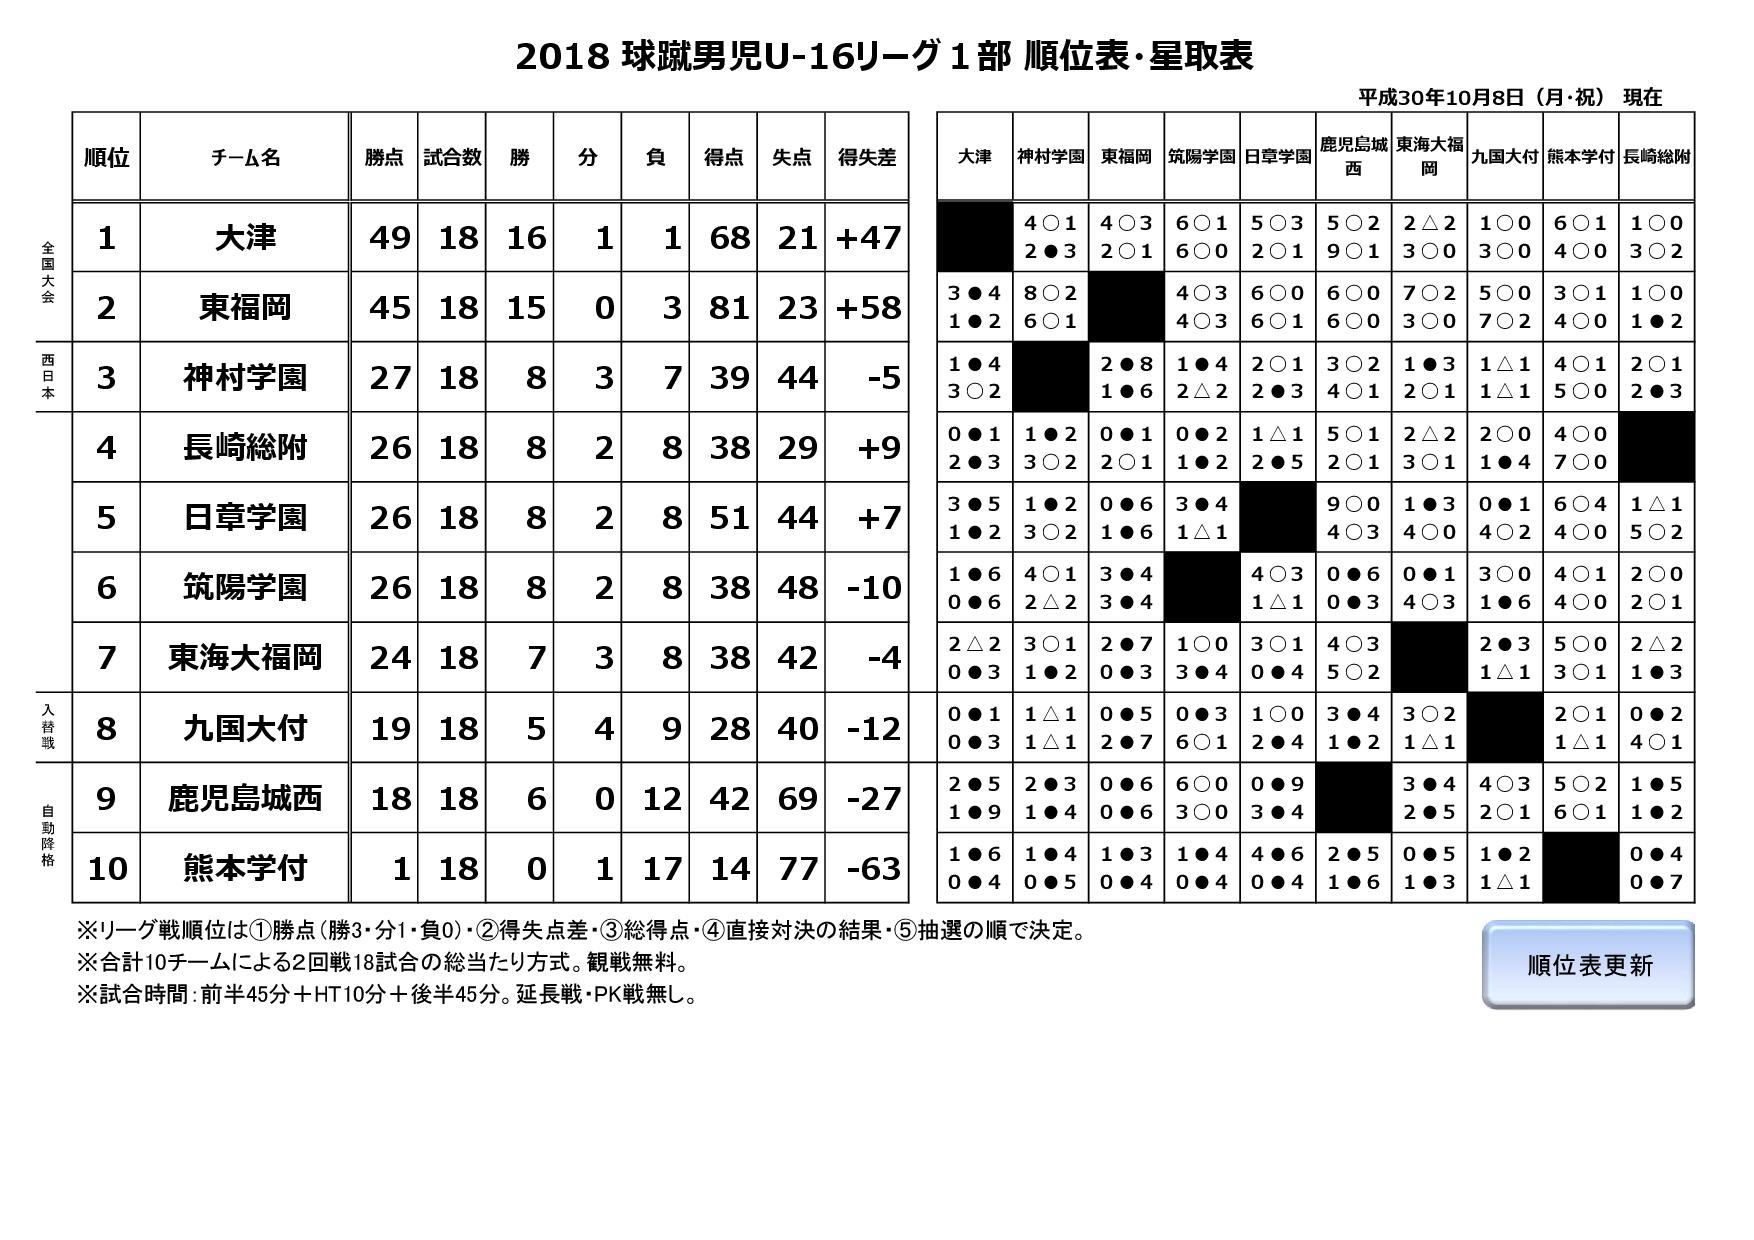 2018球蹴男児U-16リーグ